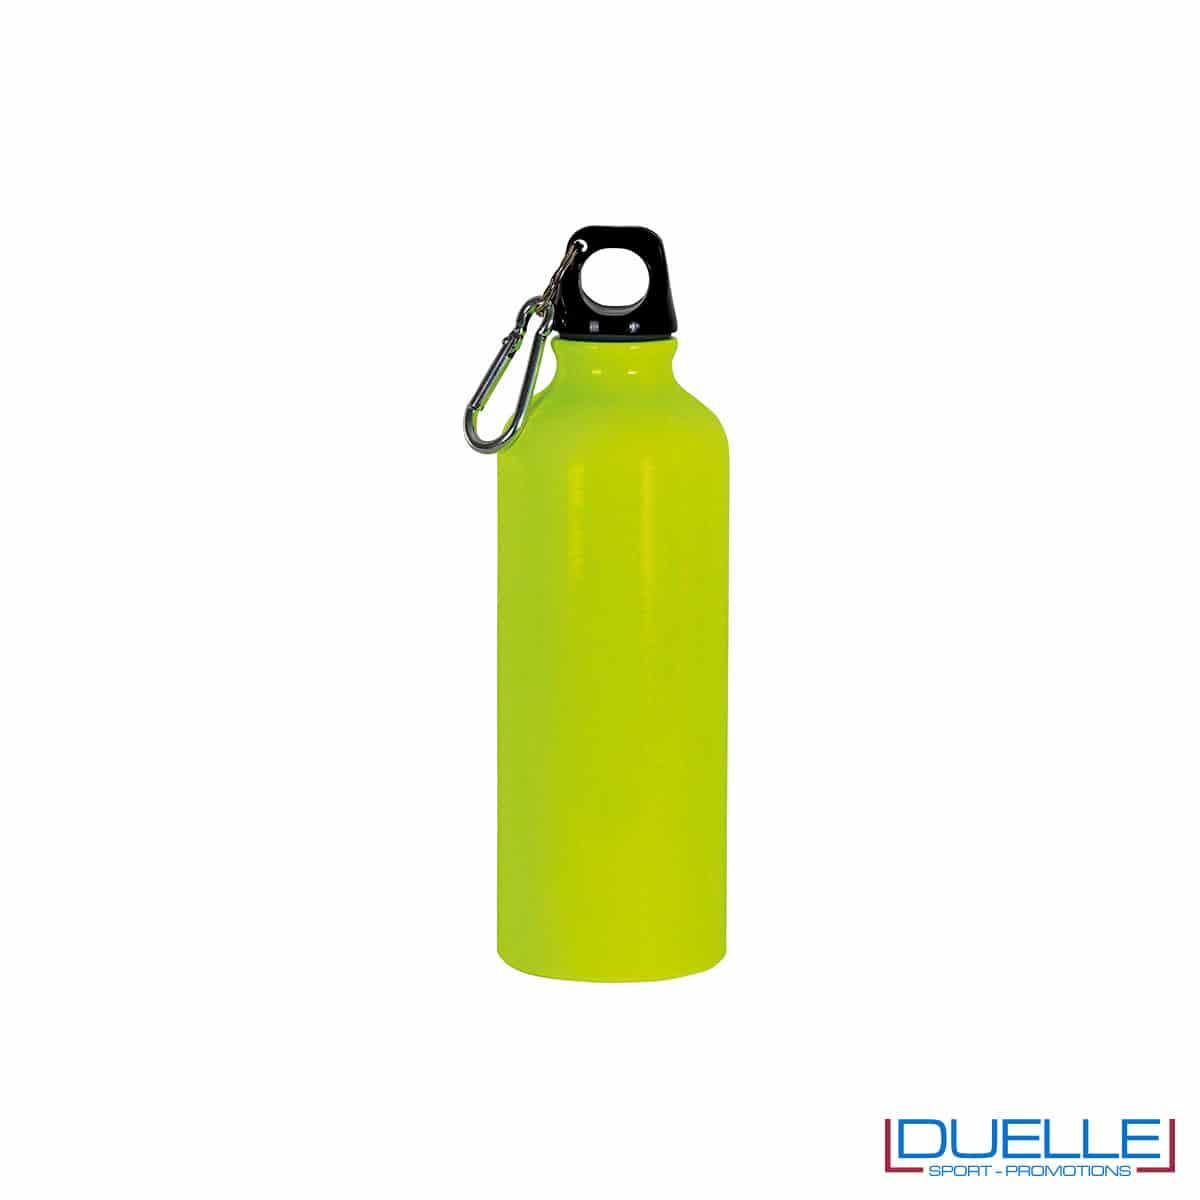 borraccia in alluminio colore giallo fluo